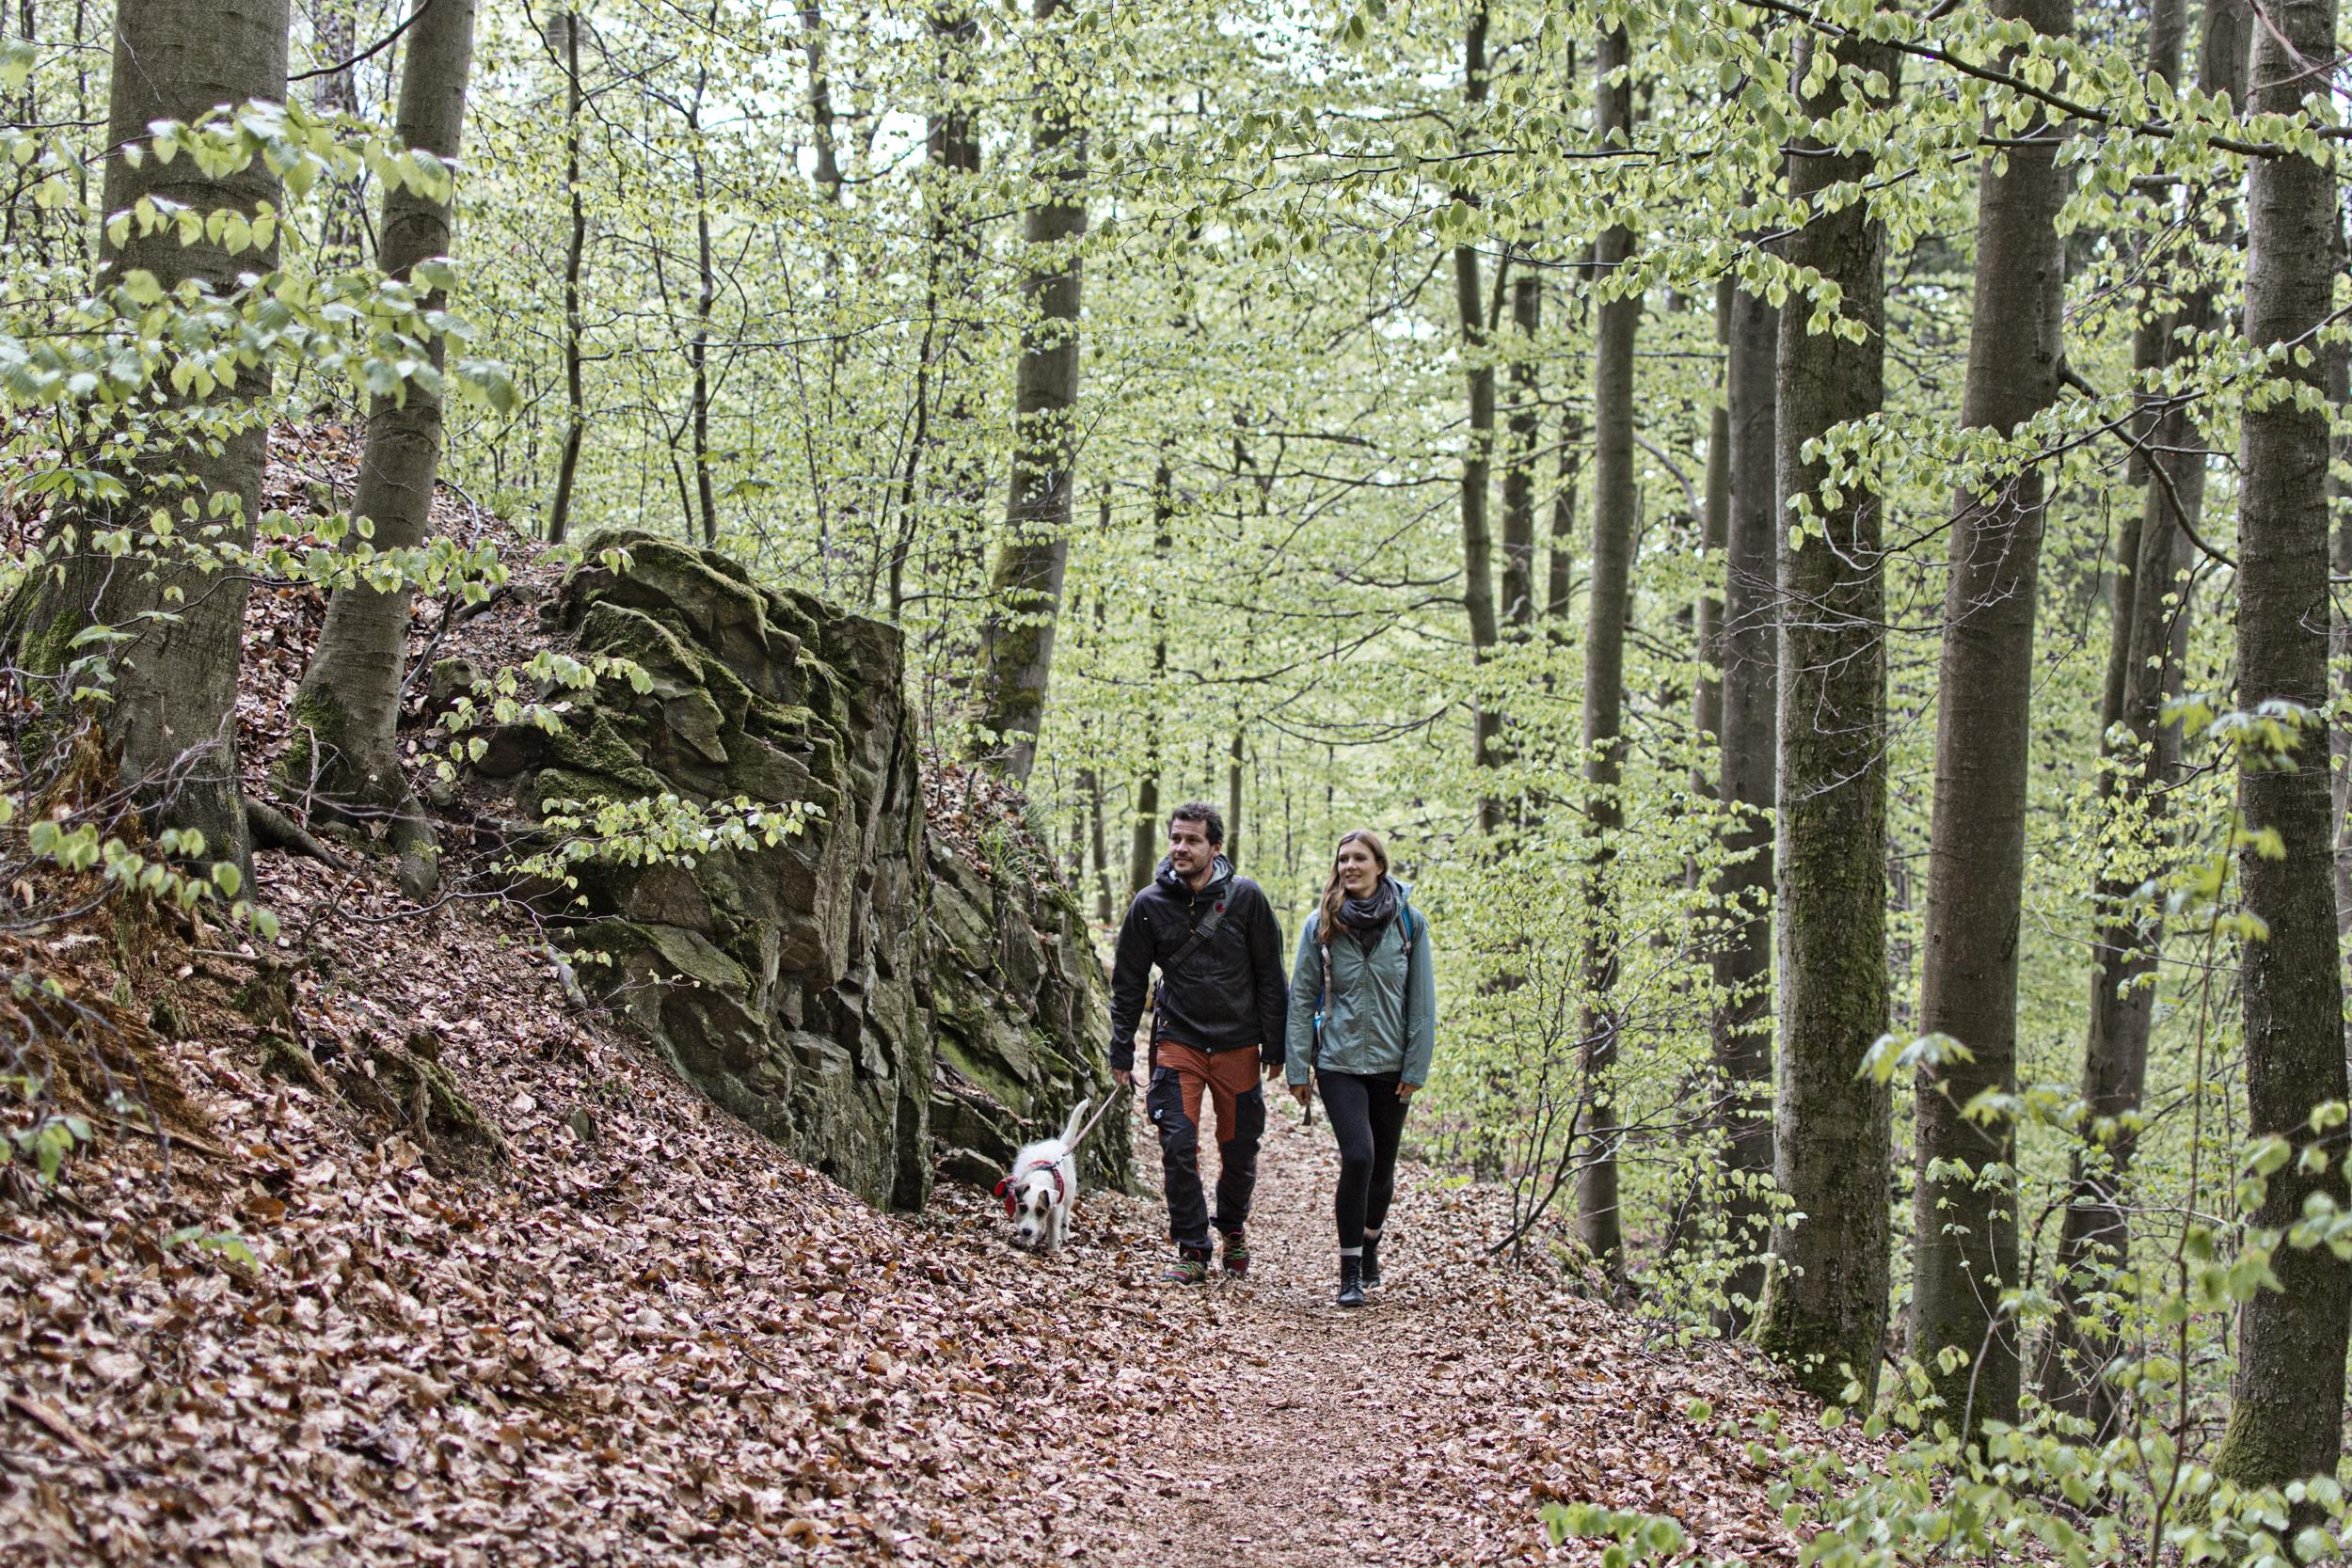 Wandern im Südharz, Christian Schelauske